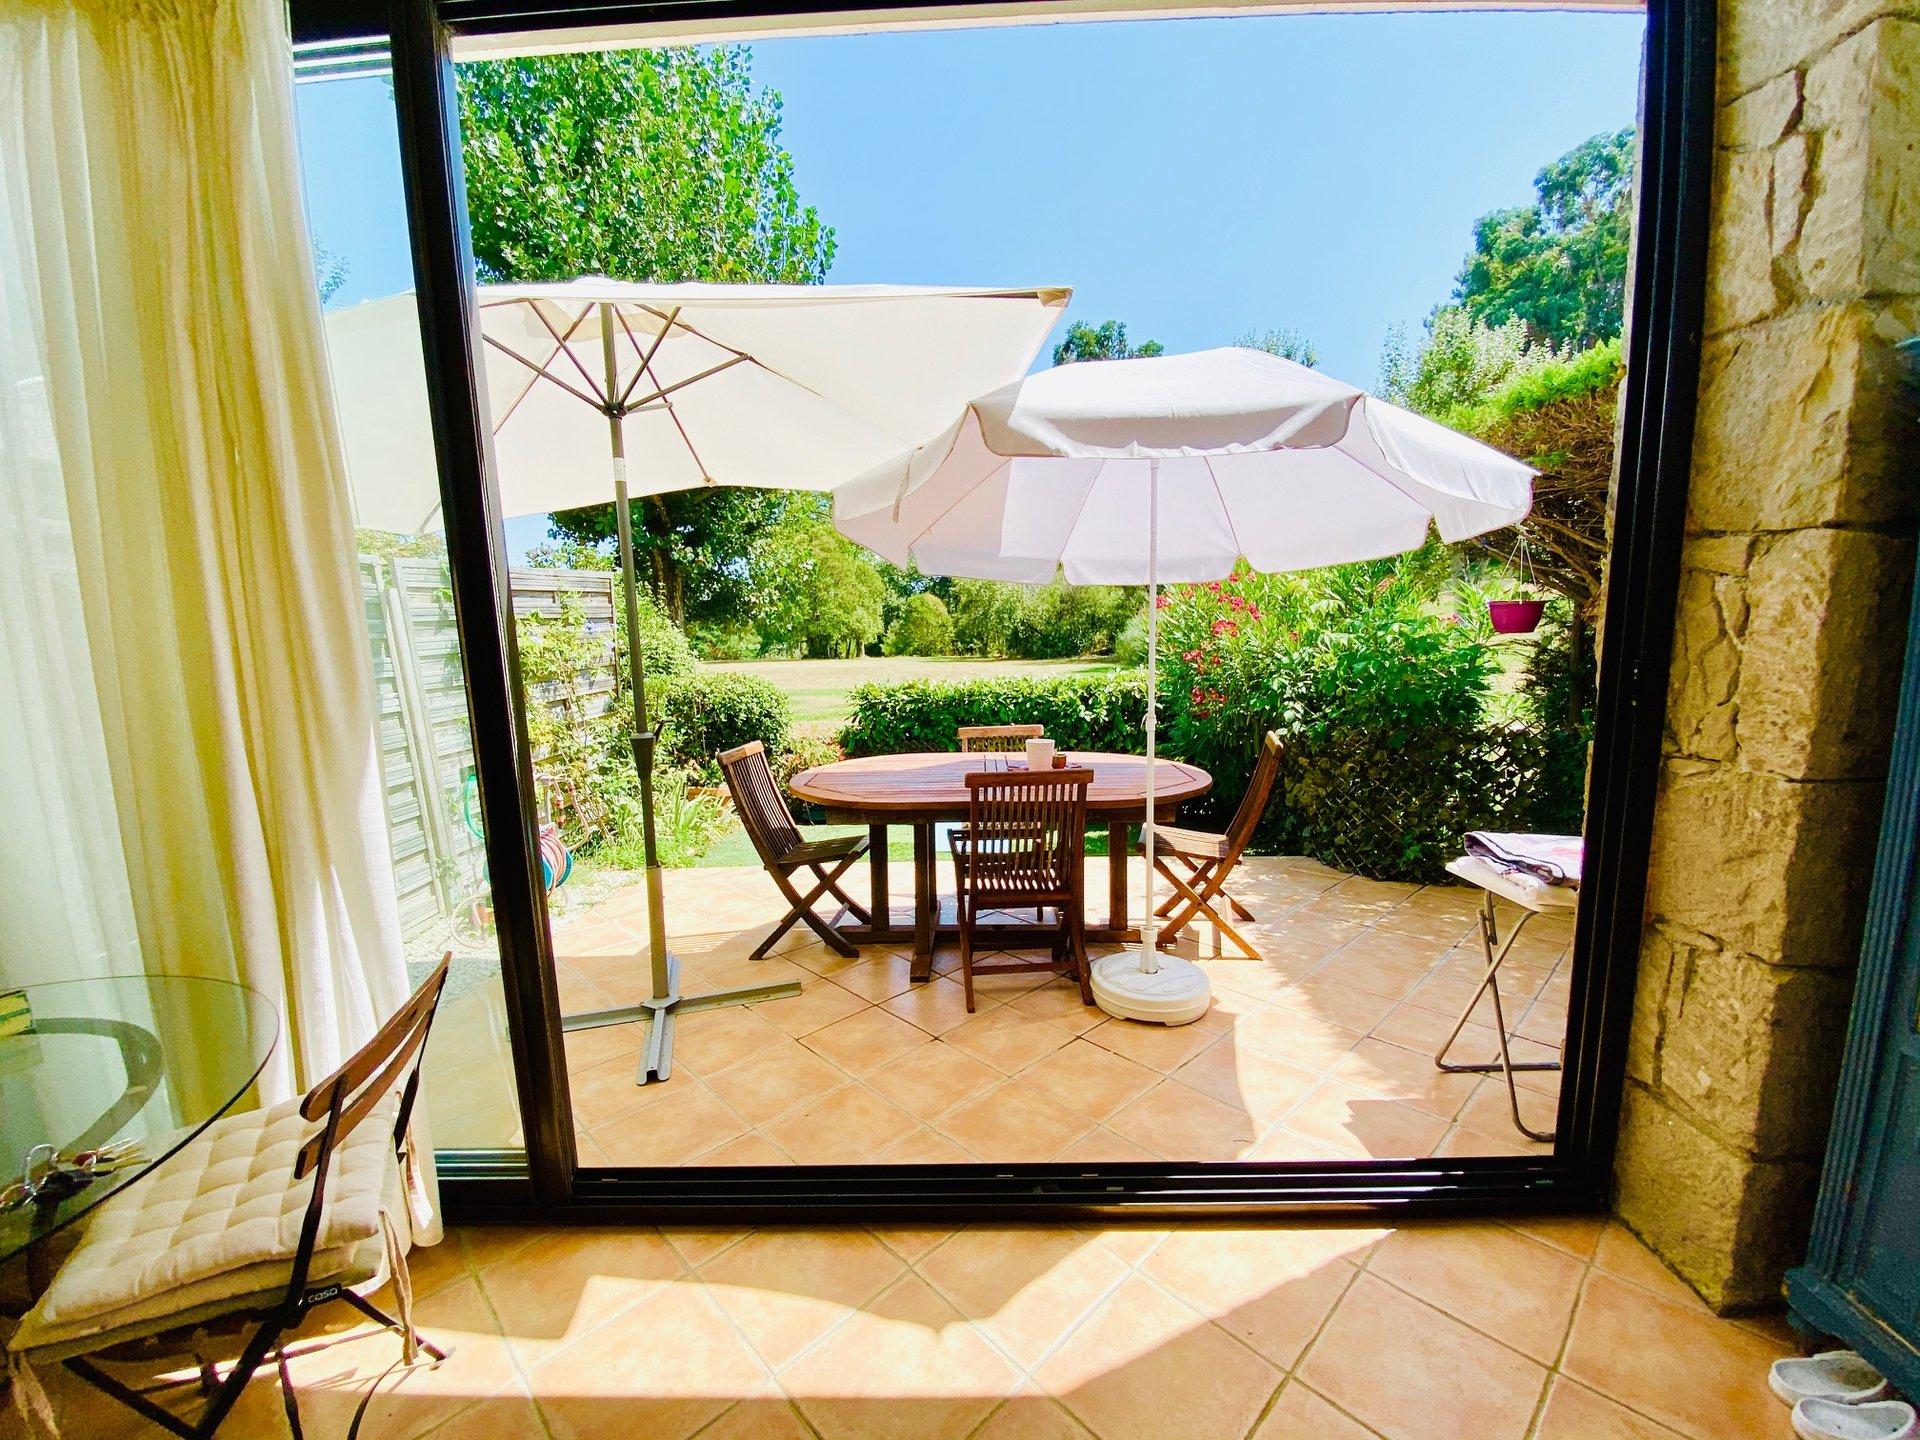 Trés joli 2 pièces en rez de jardin, meublé, à louer à l'année.Au calme total, vue splendide sur la ...